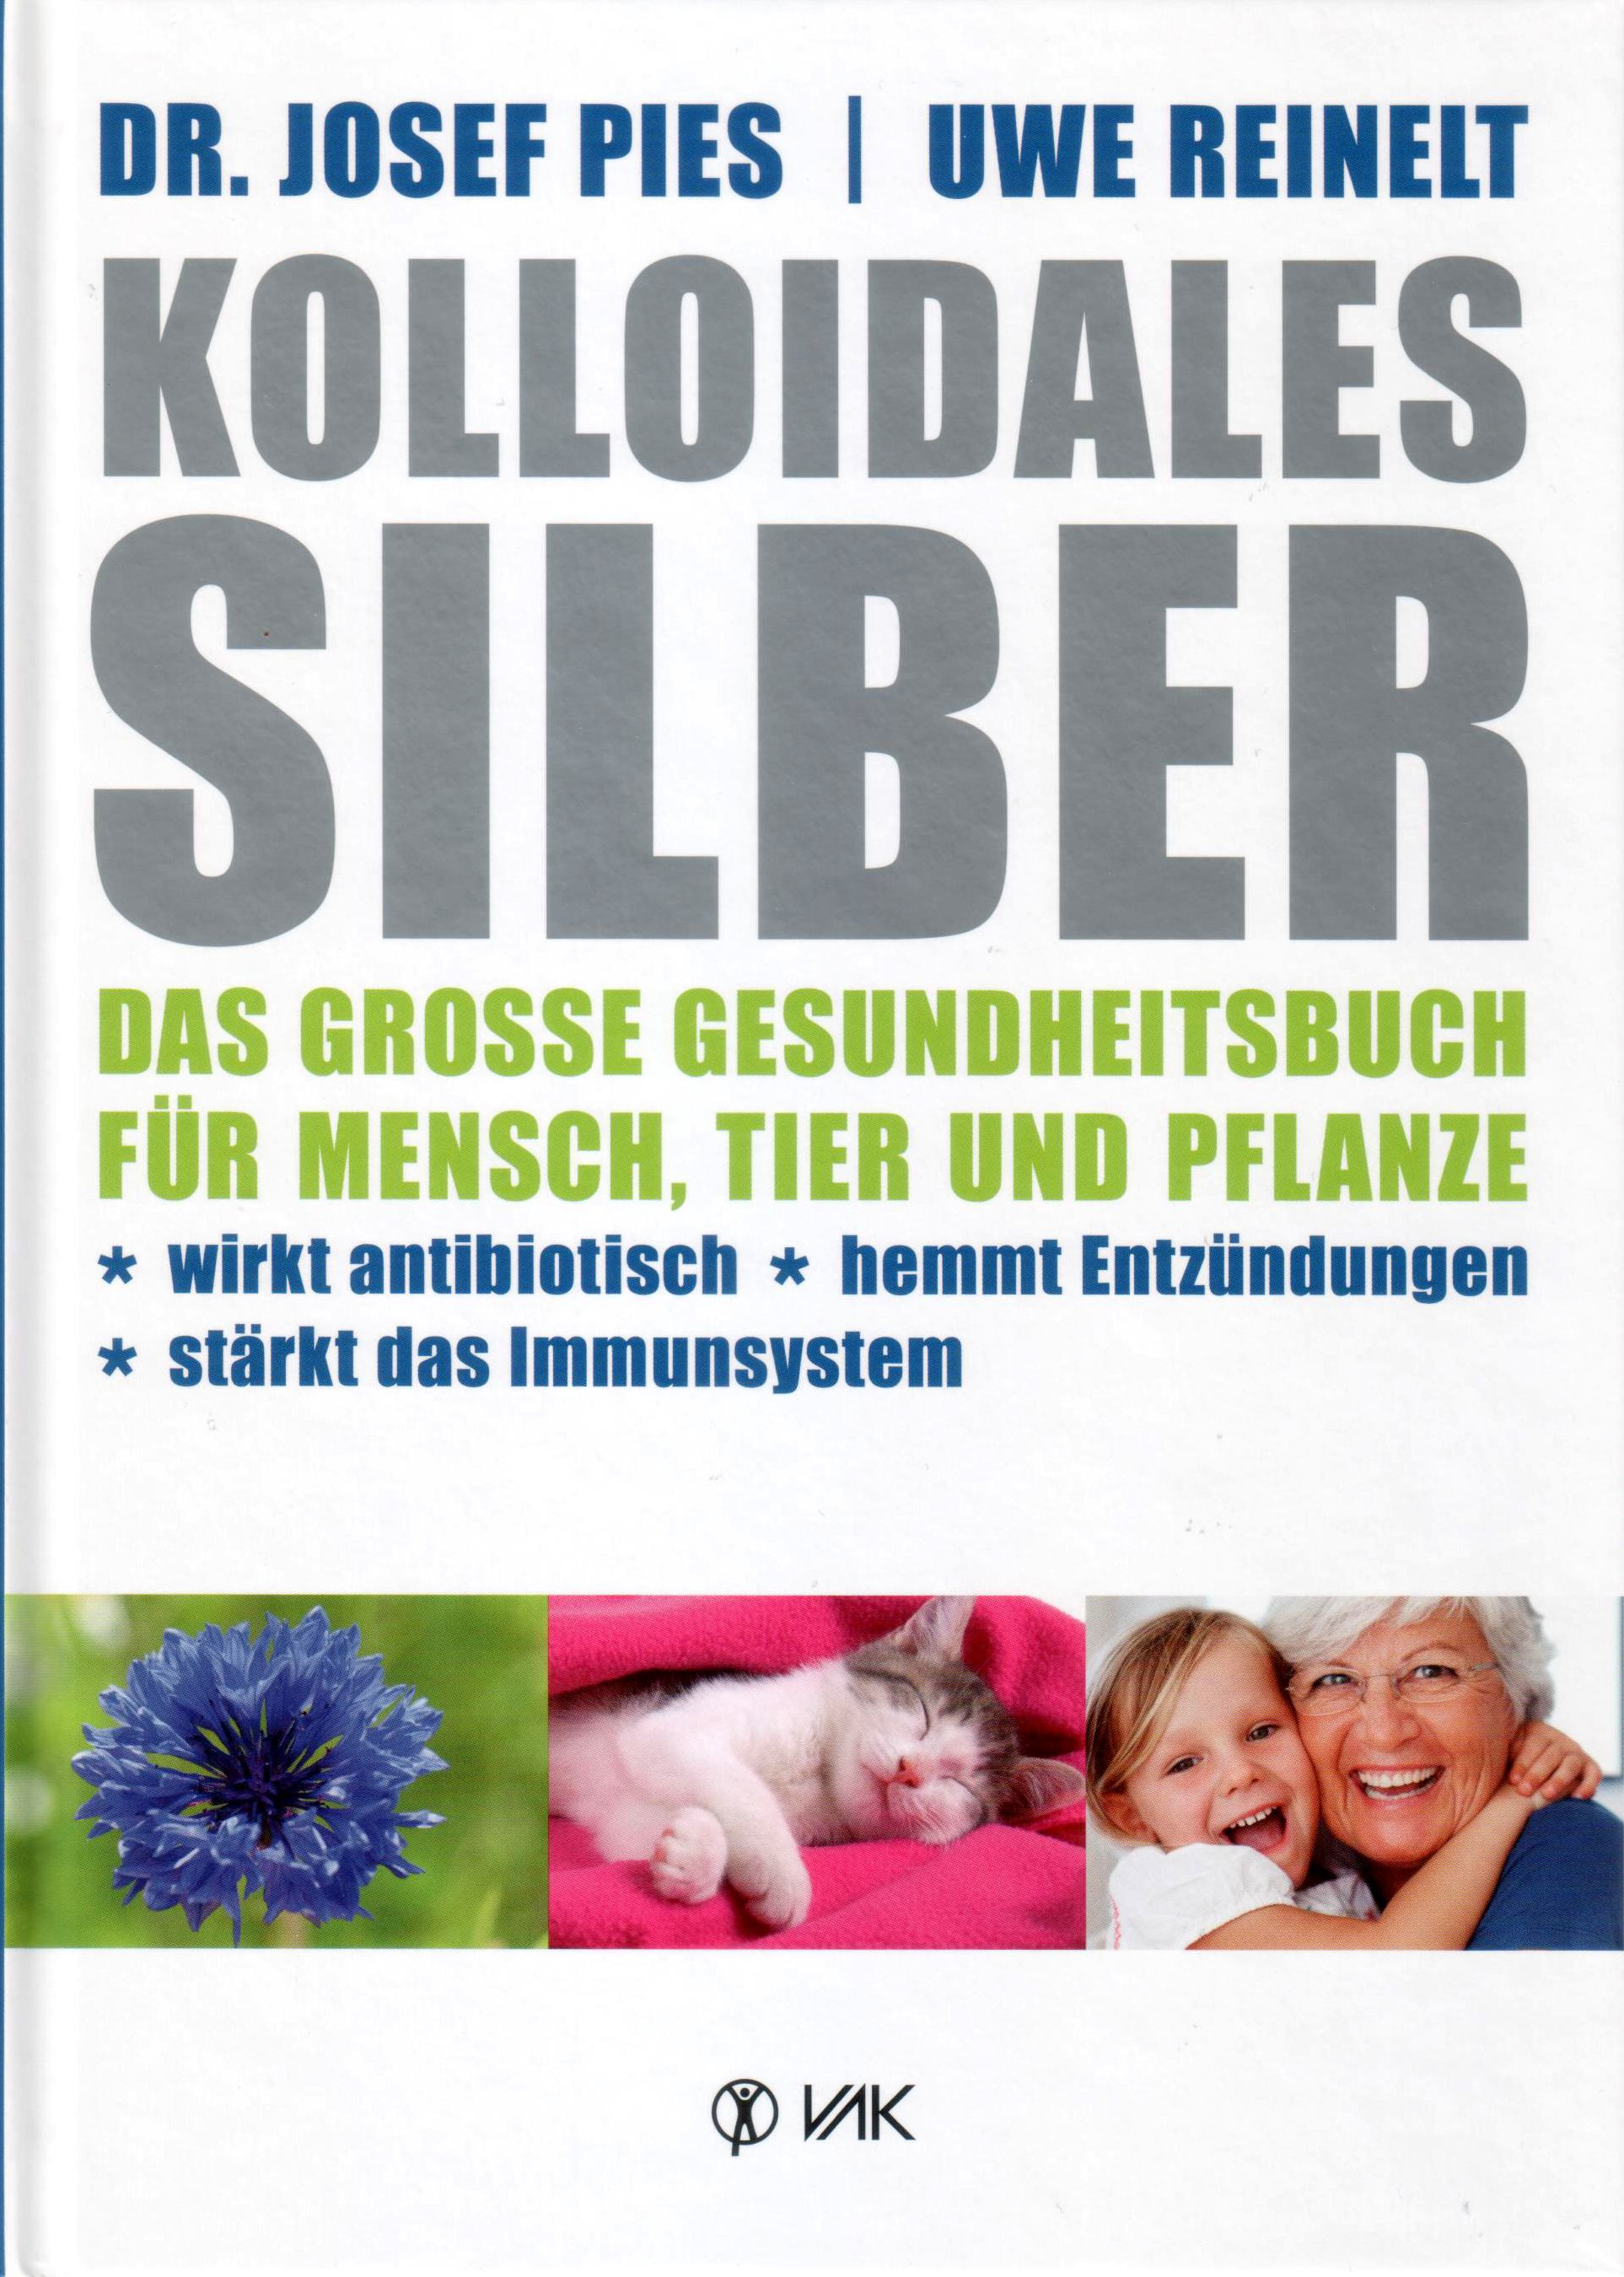 Kolloidales Silber von den Autoren Pies und Reinelt auf deutsch